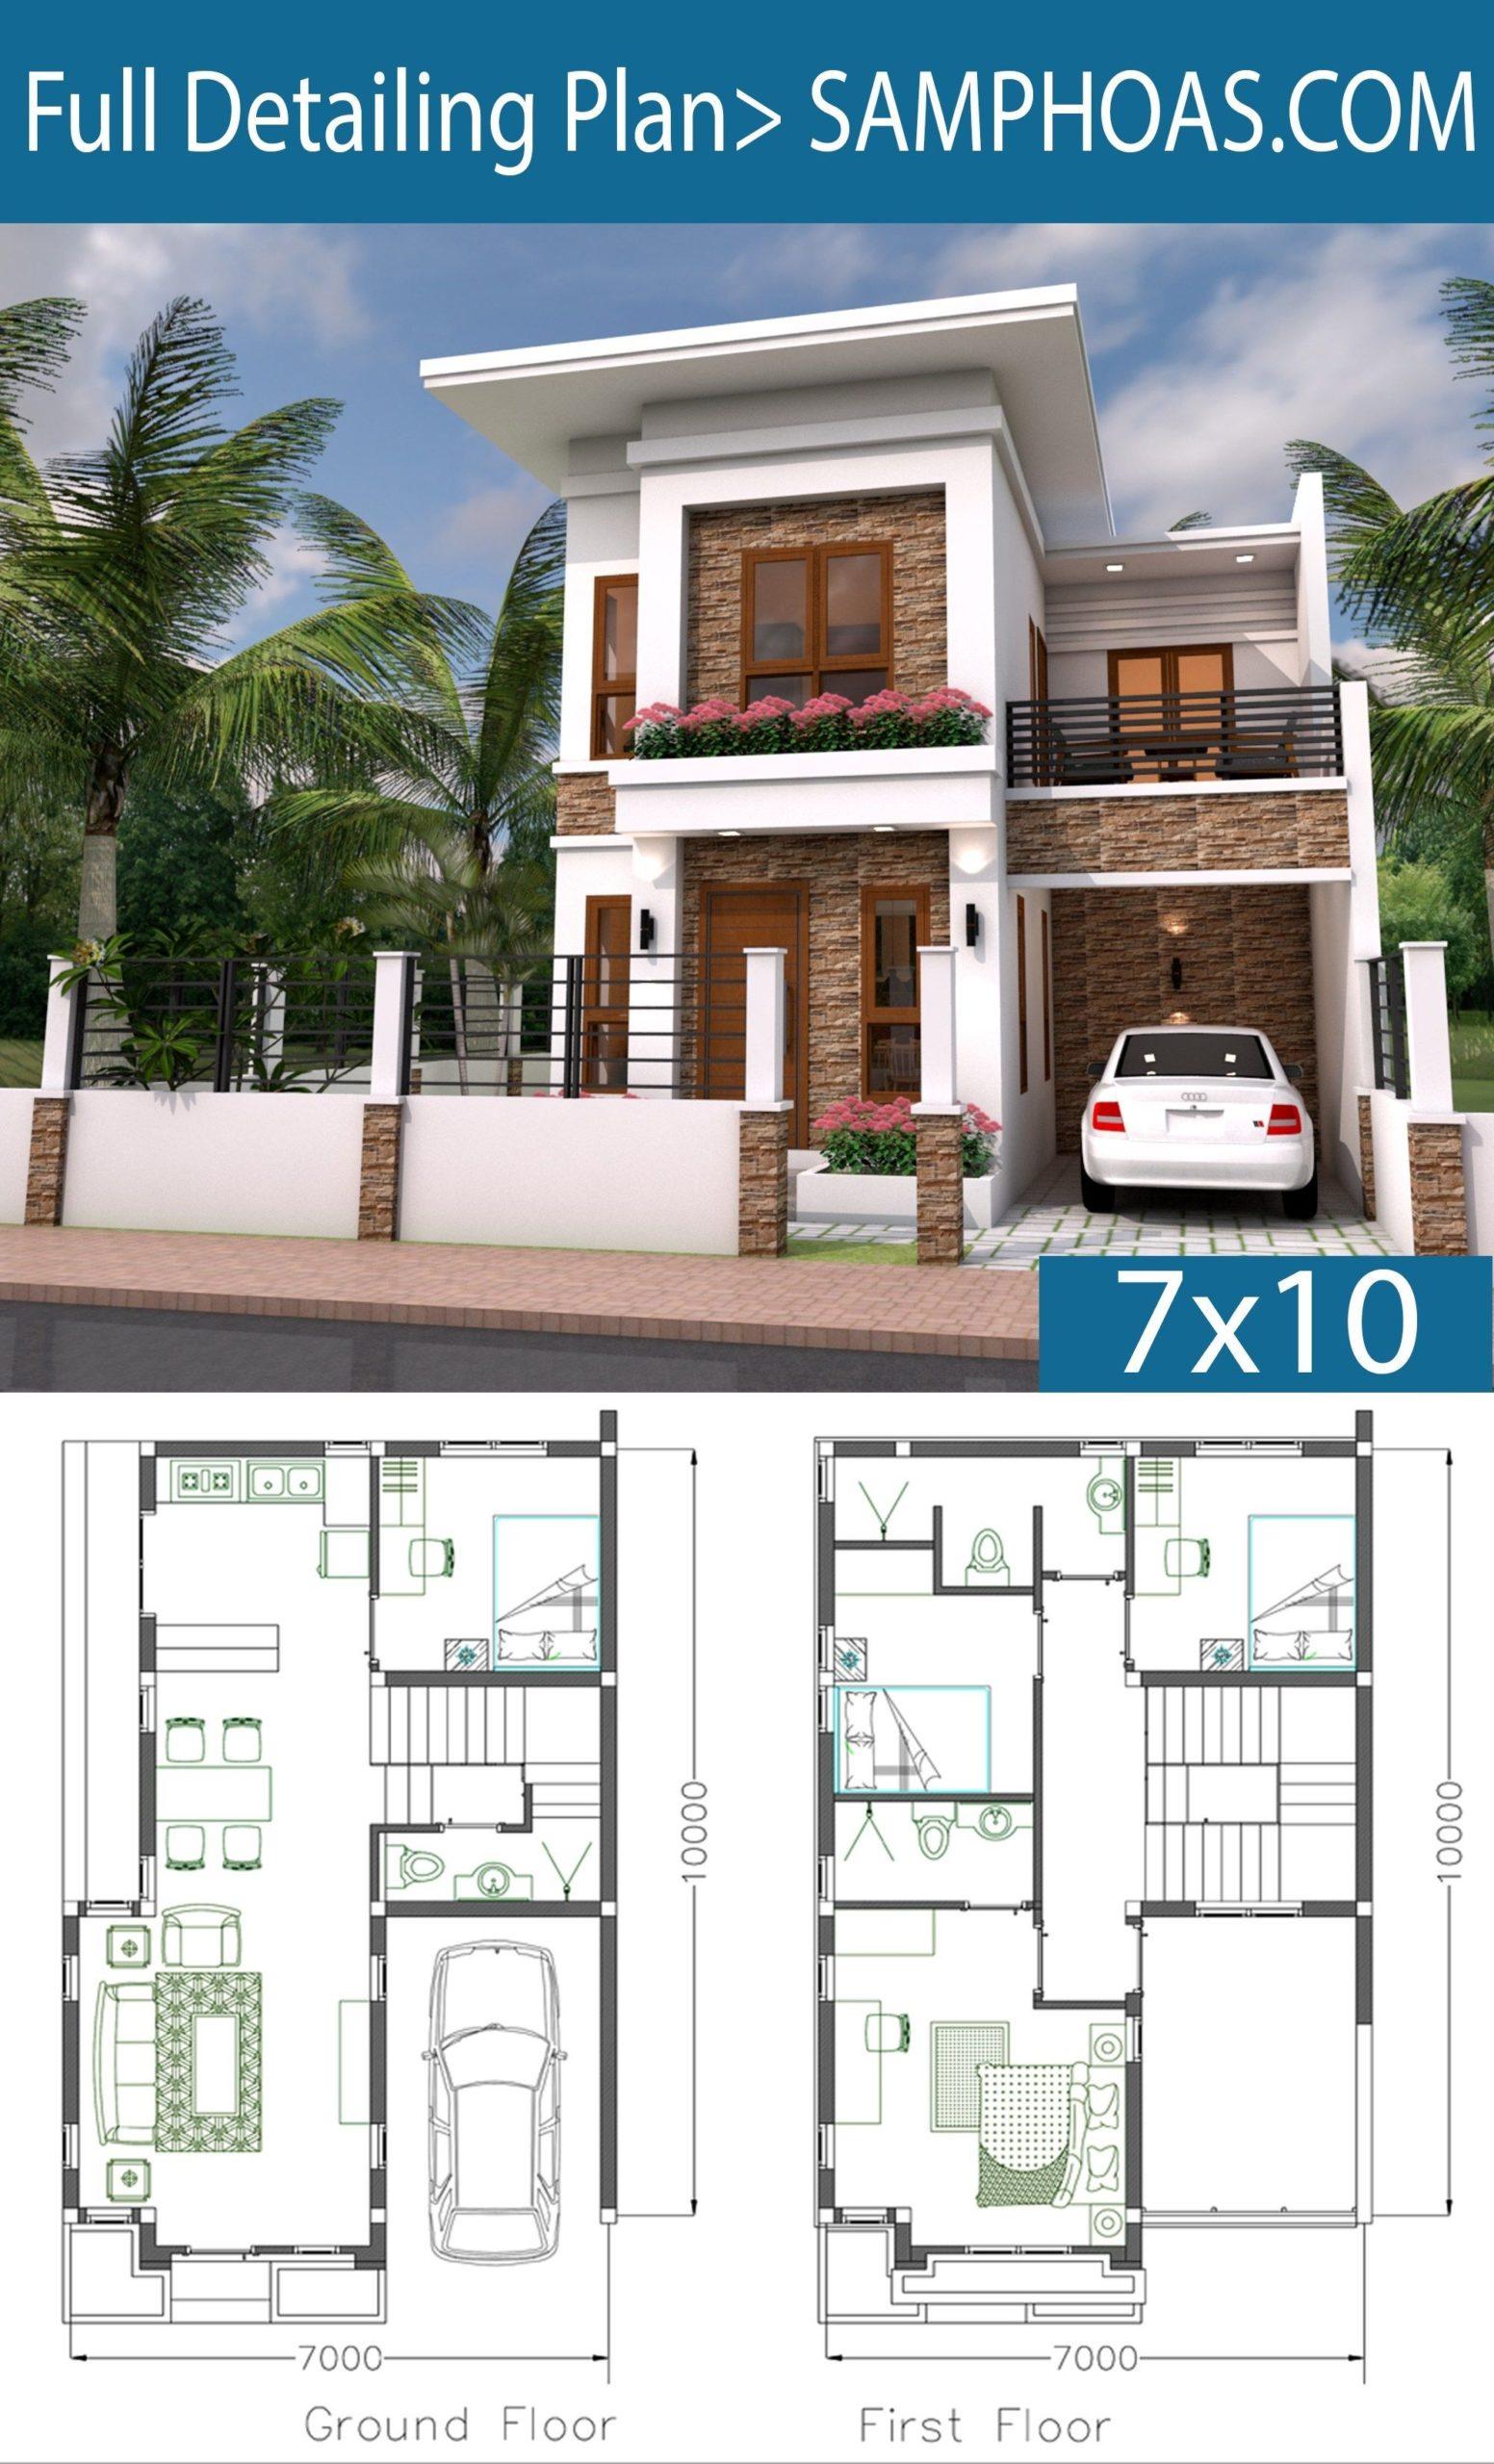 Planos y fachadas para casas de 7x10 metros de dos plantas